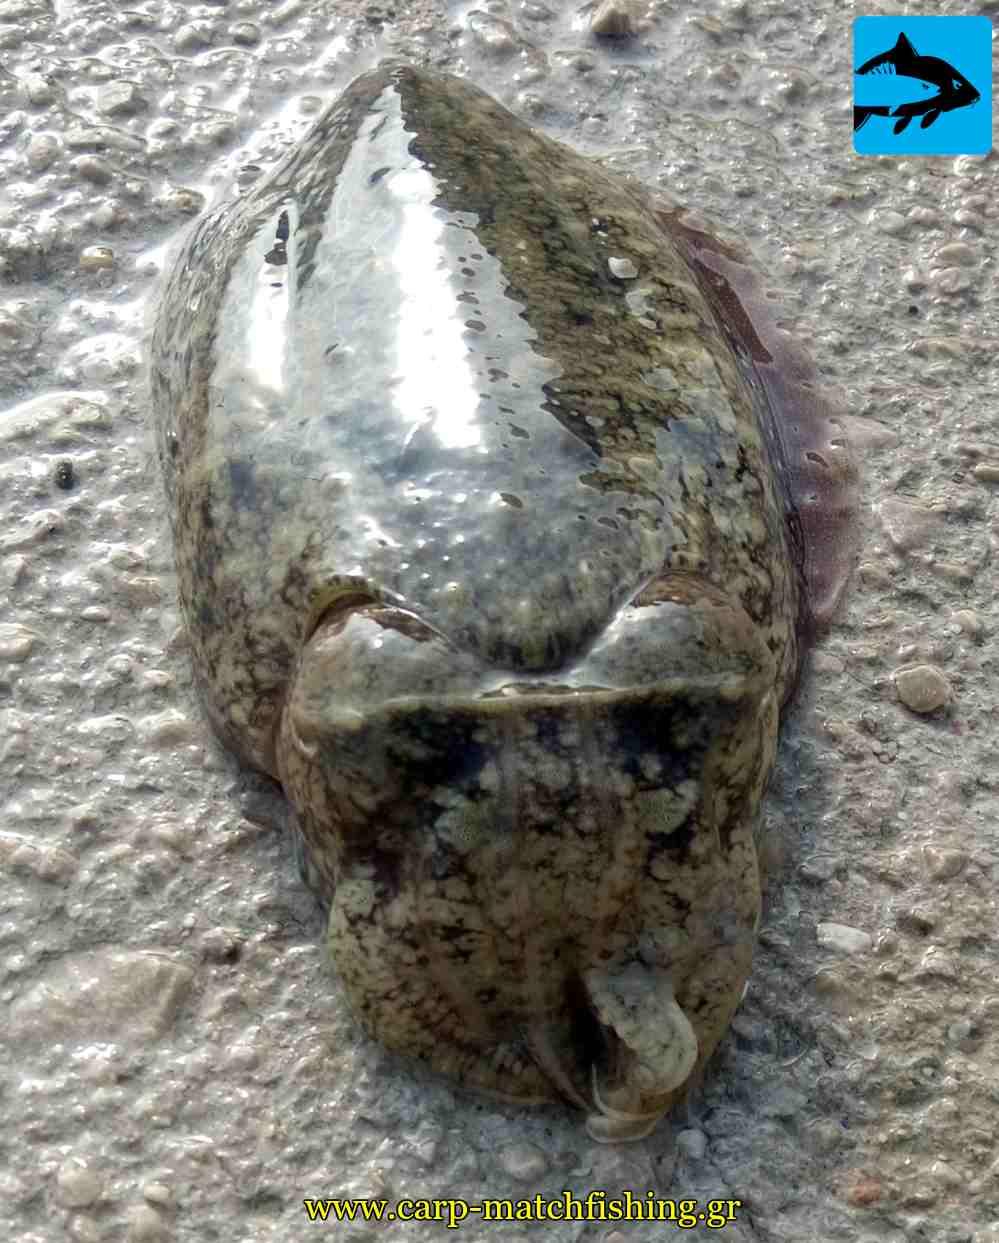 soupia cuttlefish eging carpmatchfishing